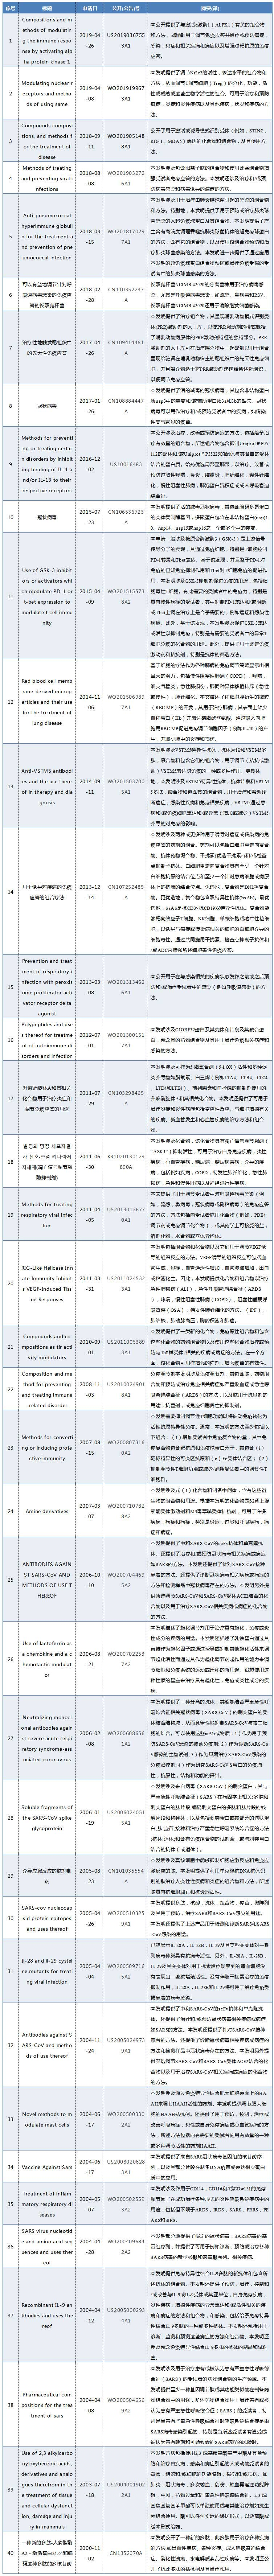 新冠肺炎专利分析遴选:专利检索发现——治疗新冠肺炎的方法